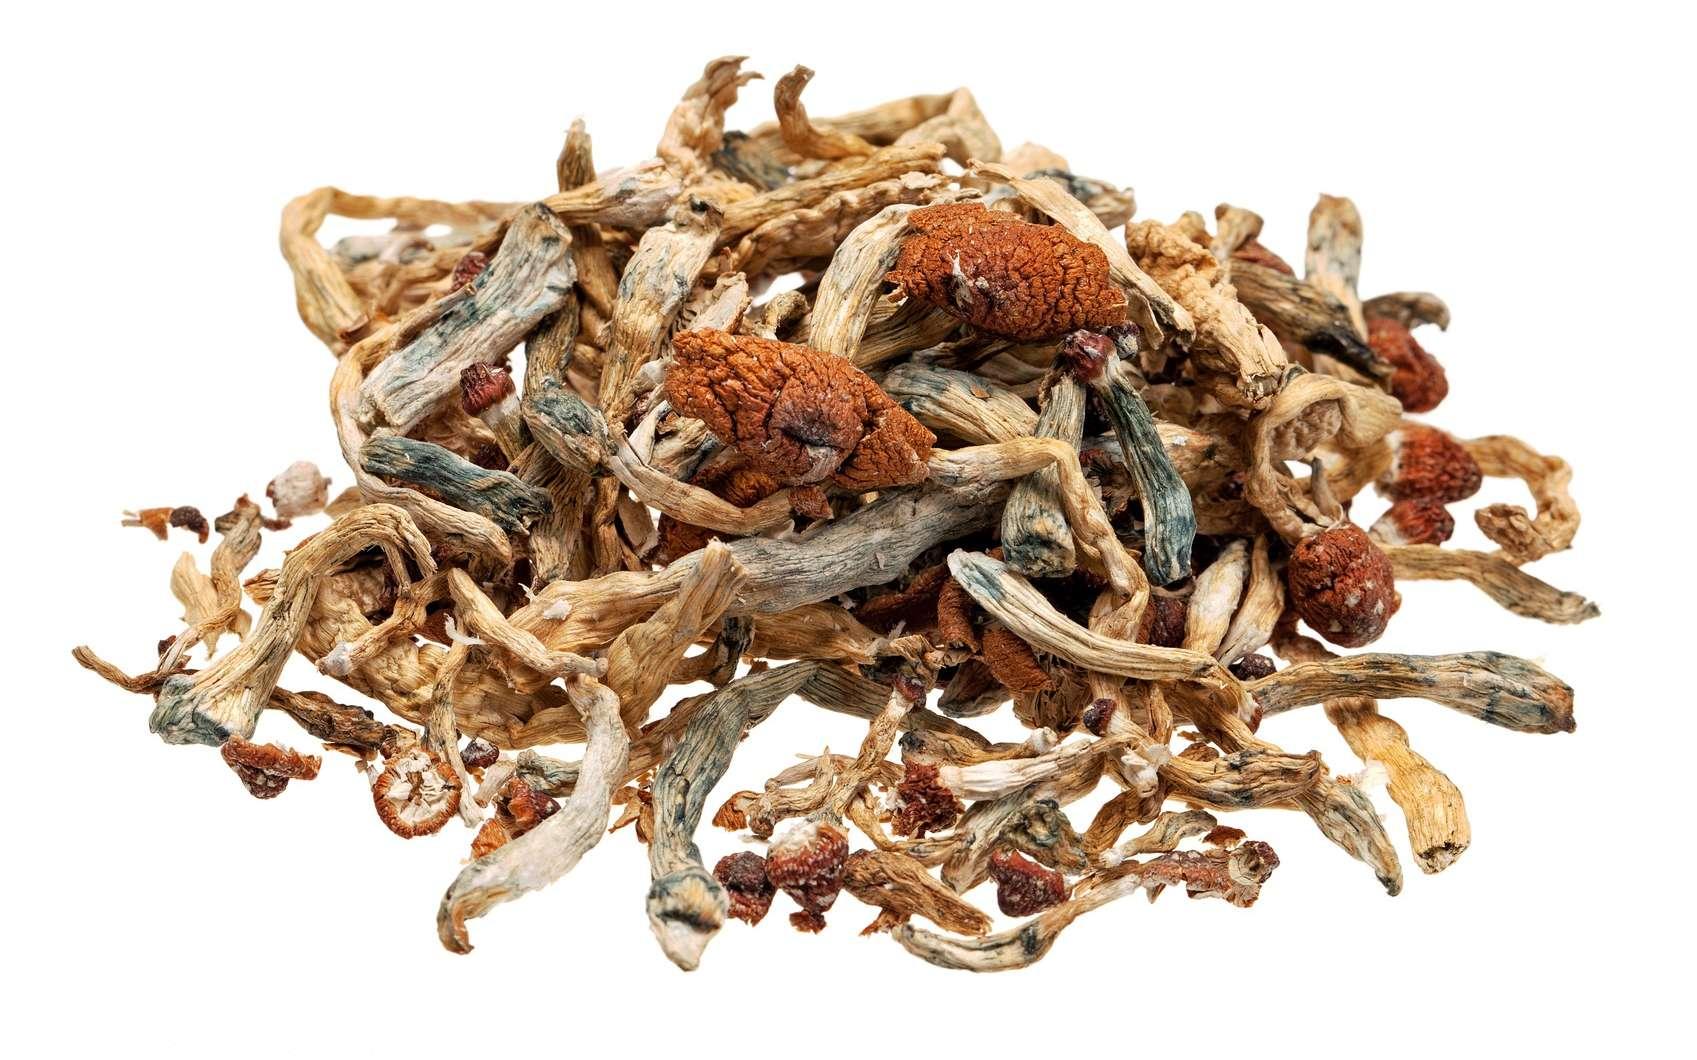 La psilocybine est la principale substance psychoactive présente dans les « champignons magiques ». © robtek, Fotolia